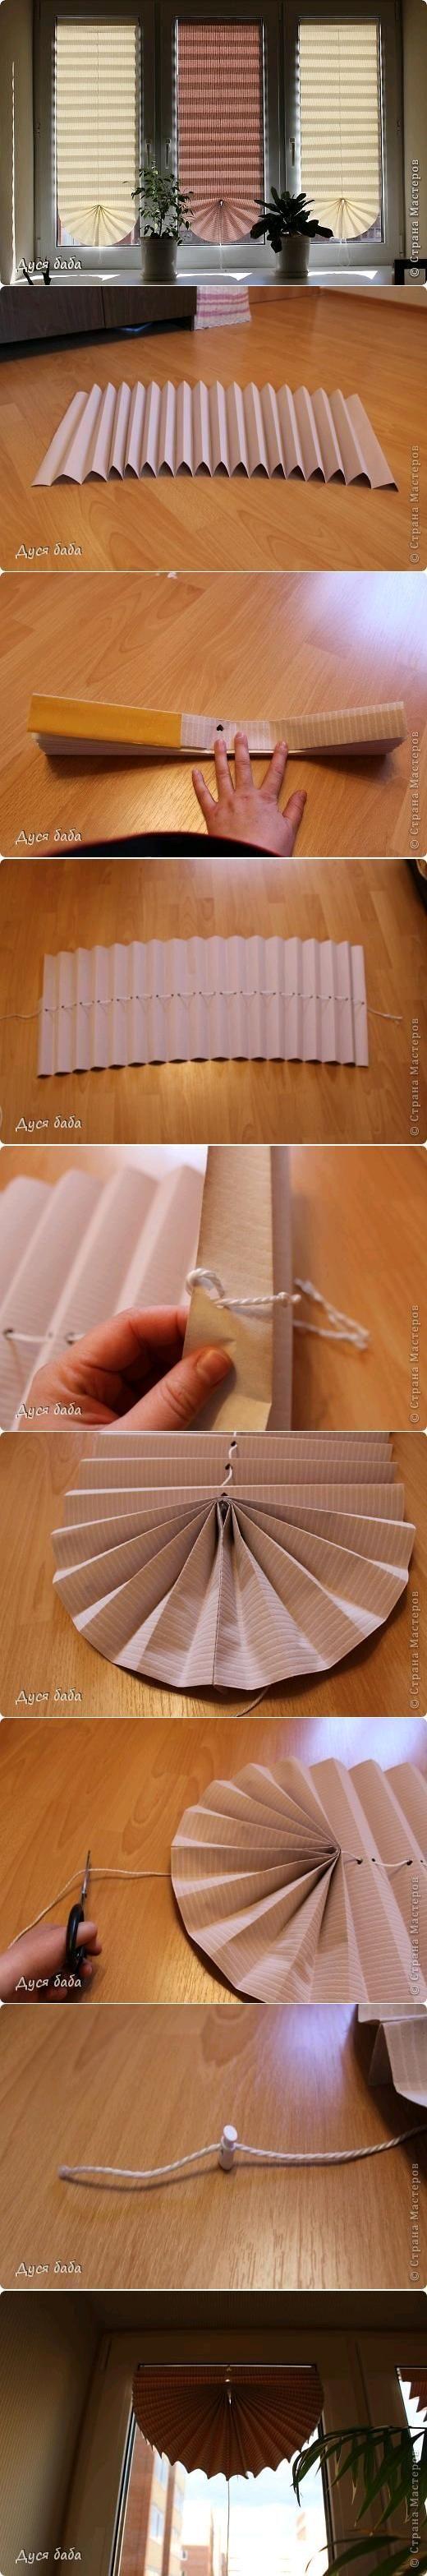 DIY Fan Curtain DIY Fan Curtain